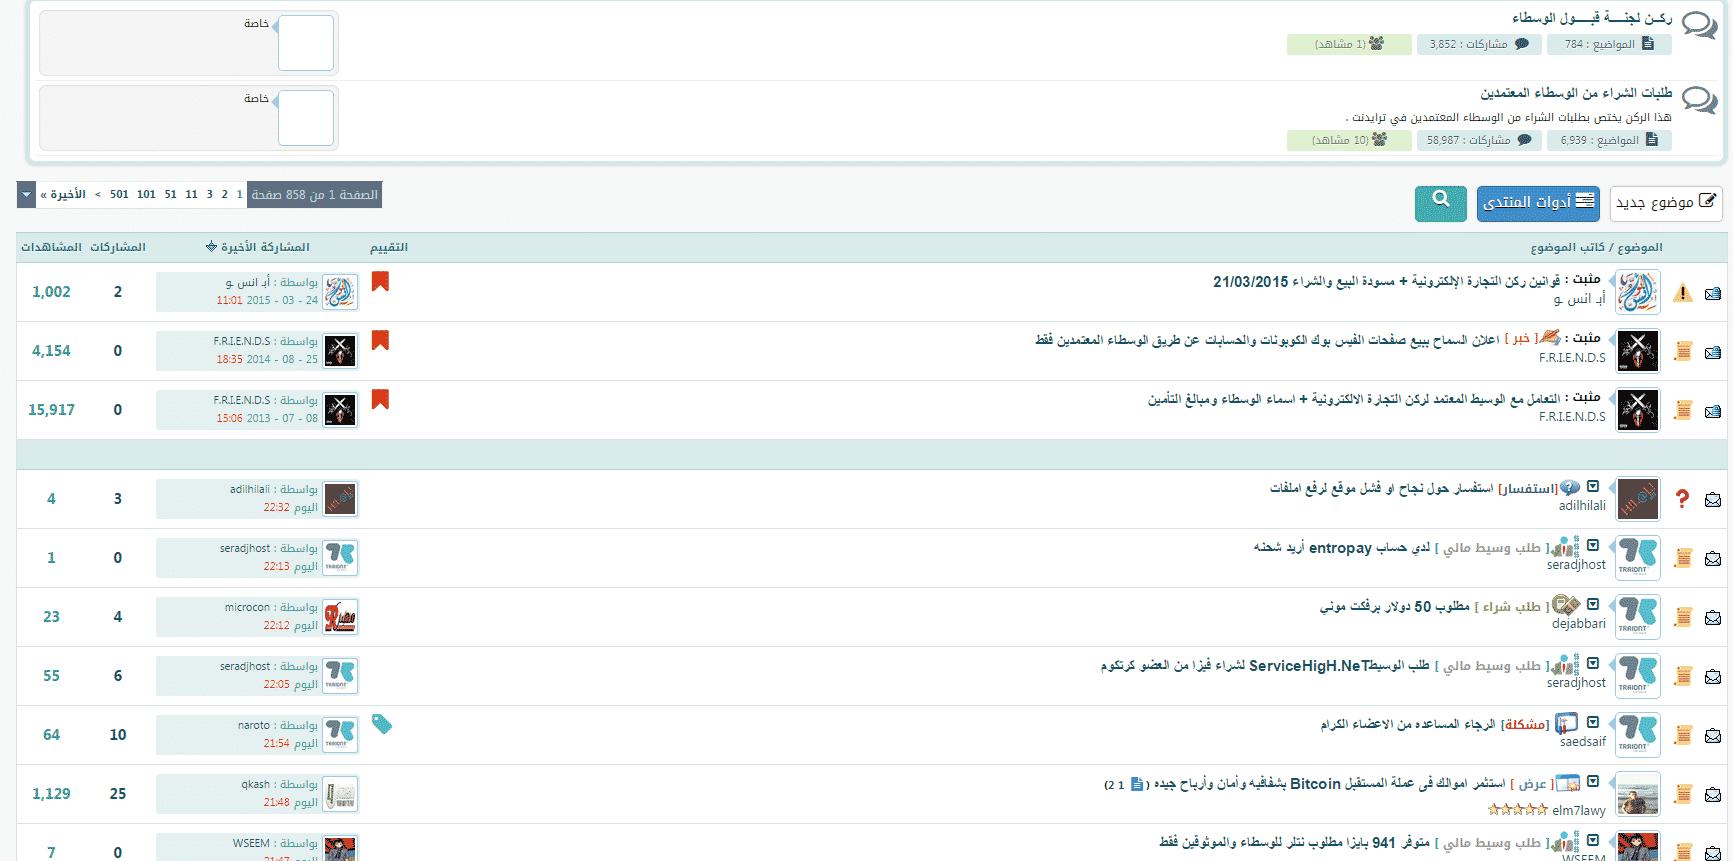 47 أزمة التجارة الإلكترونية العربية ؟ فكر مجددا